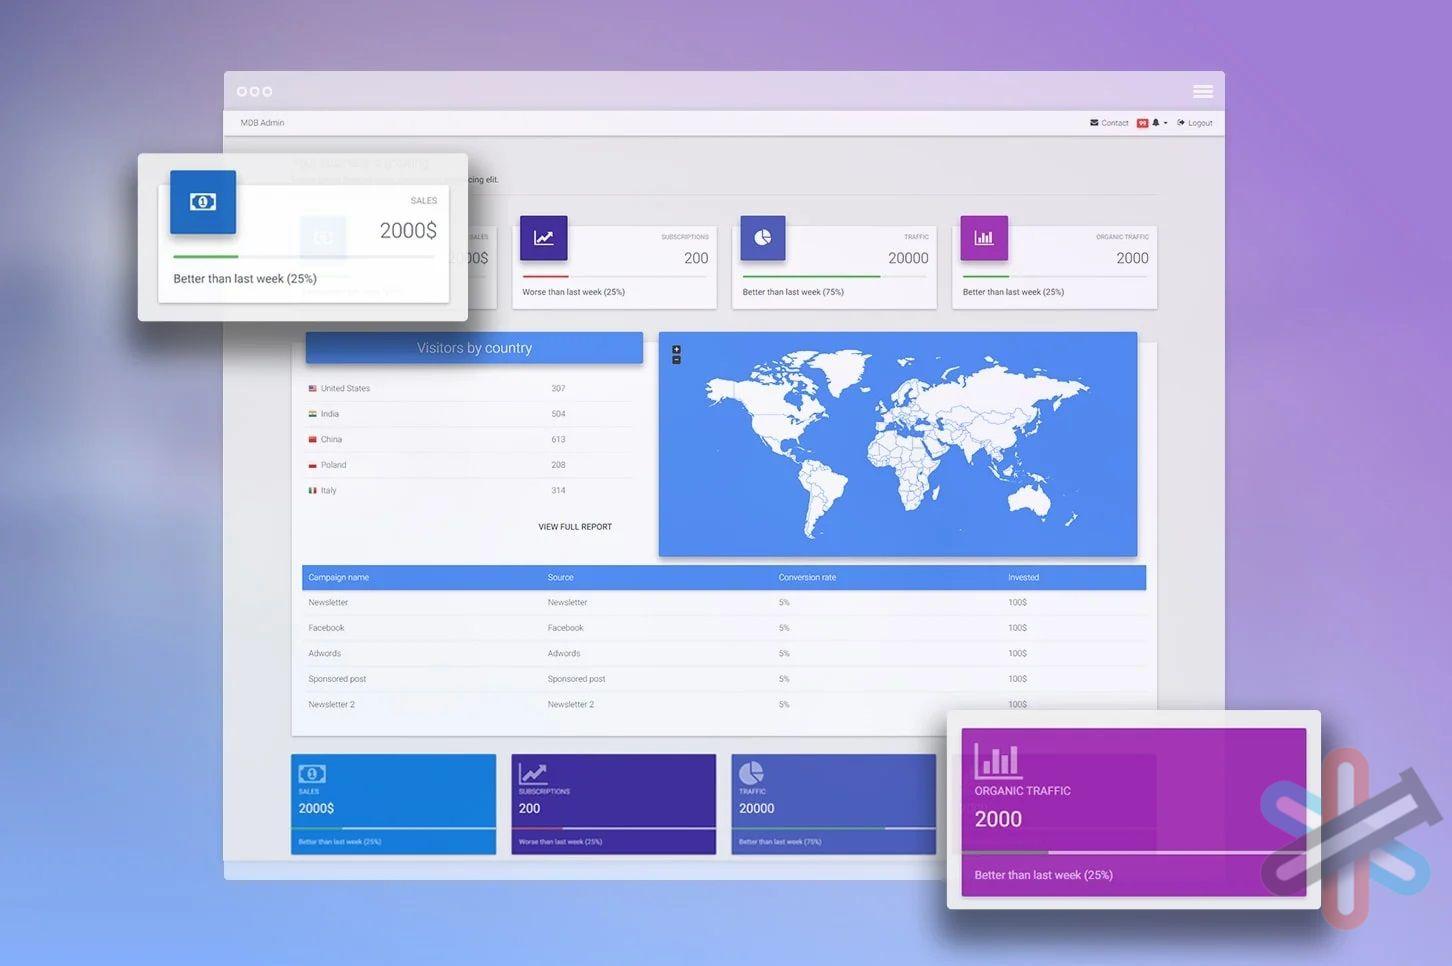 دانلود MDBootstrap 5 Pro v2.0.0 | متریال دیزاین برای بوت استرپ ۵